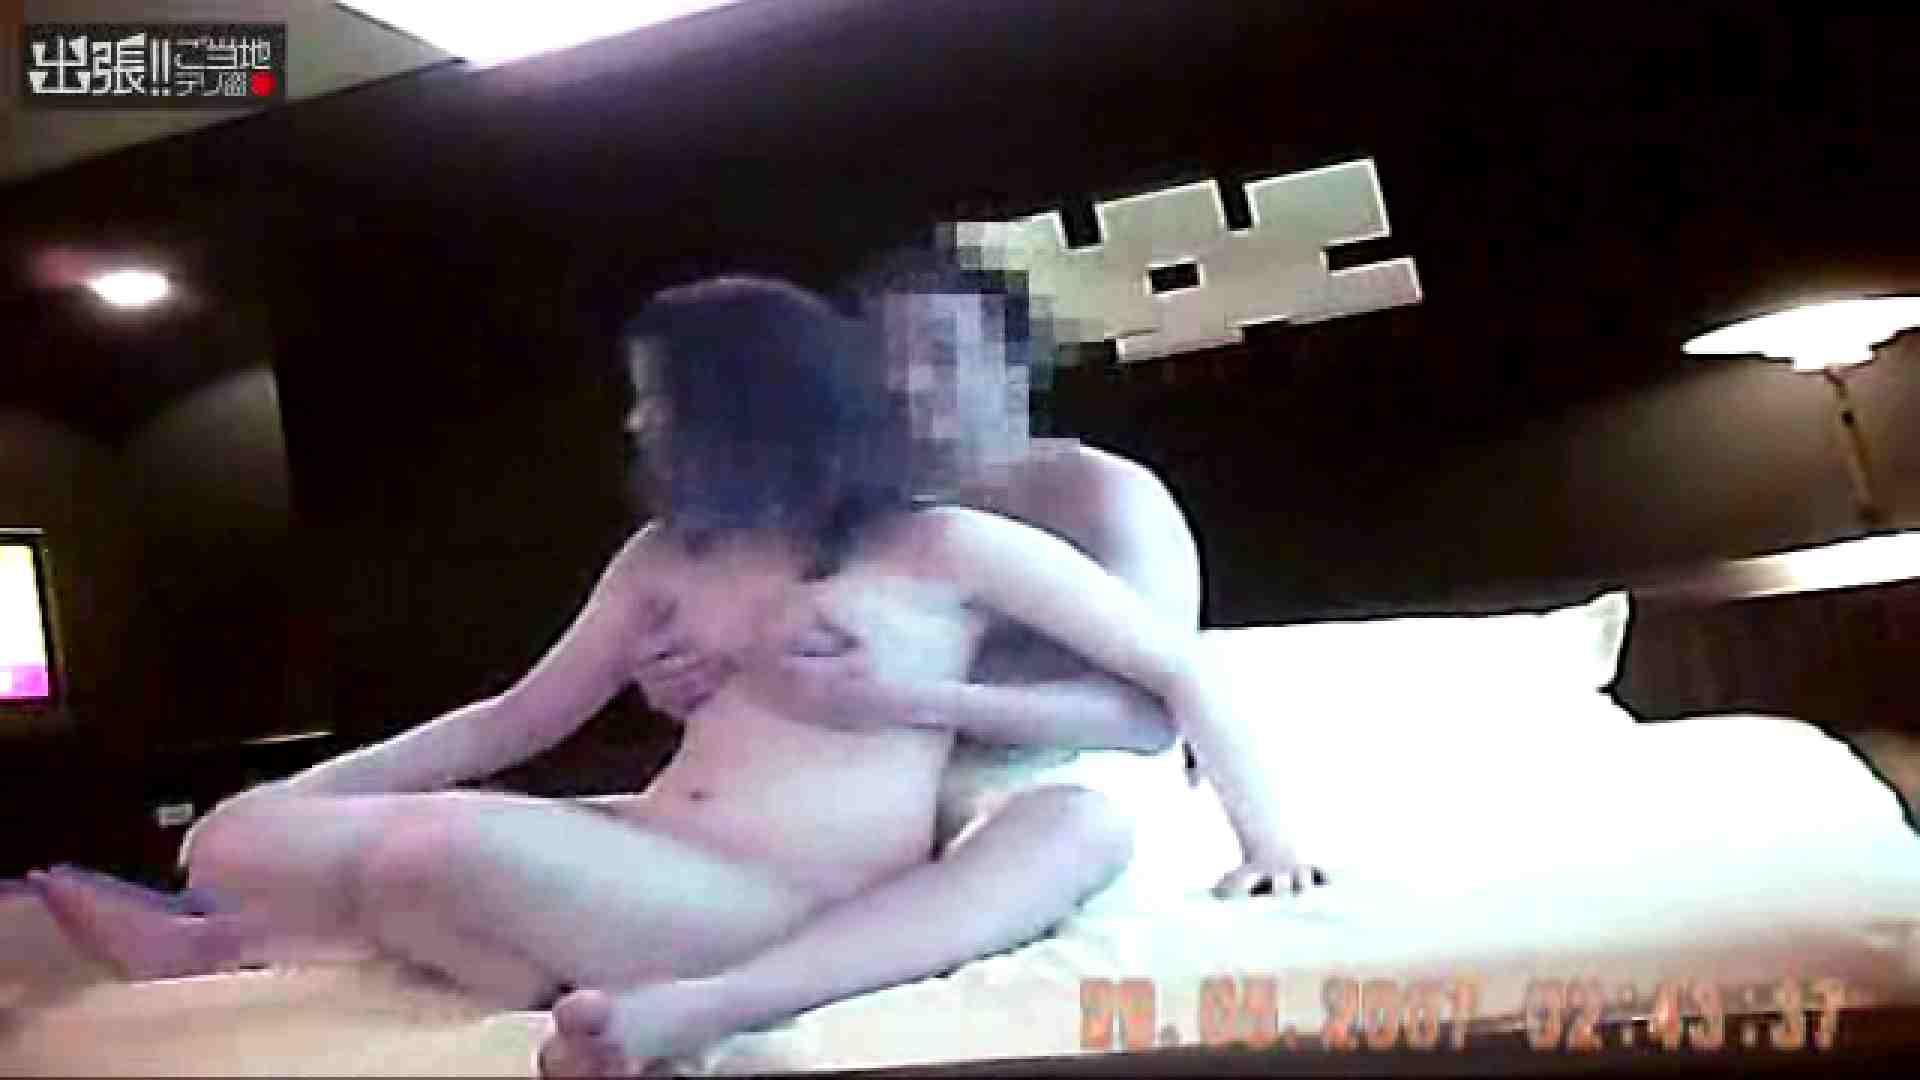 出張リーマンのデリ嬢隠し撮り第3弾vol.6 すけべな女子大生   すけべなOL  104画像 36